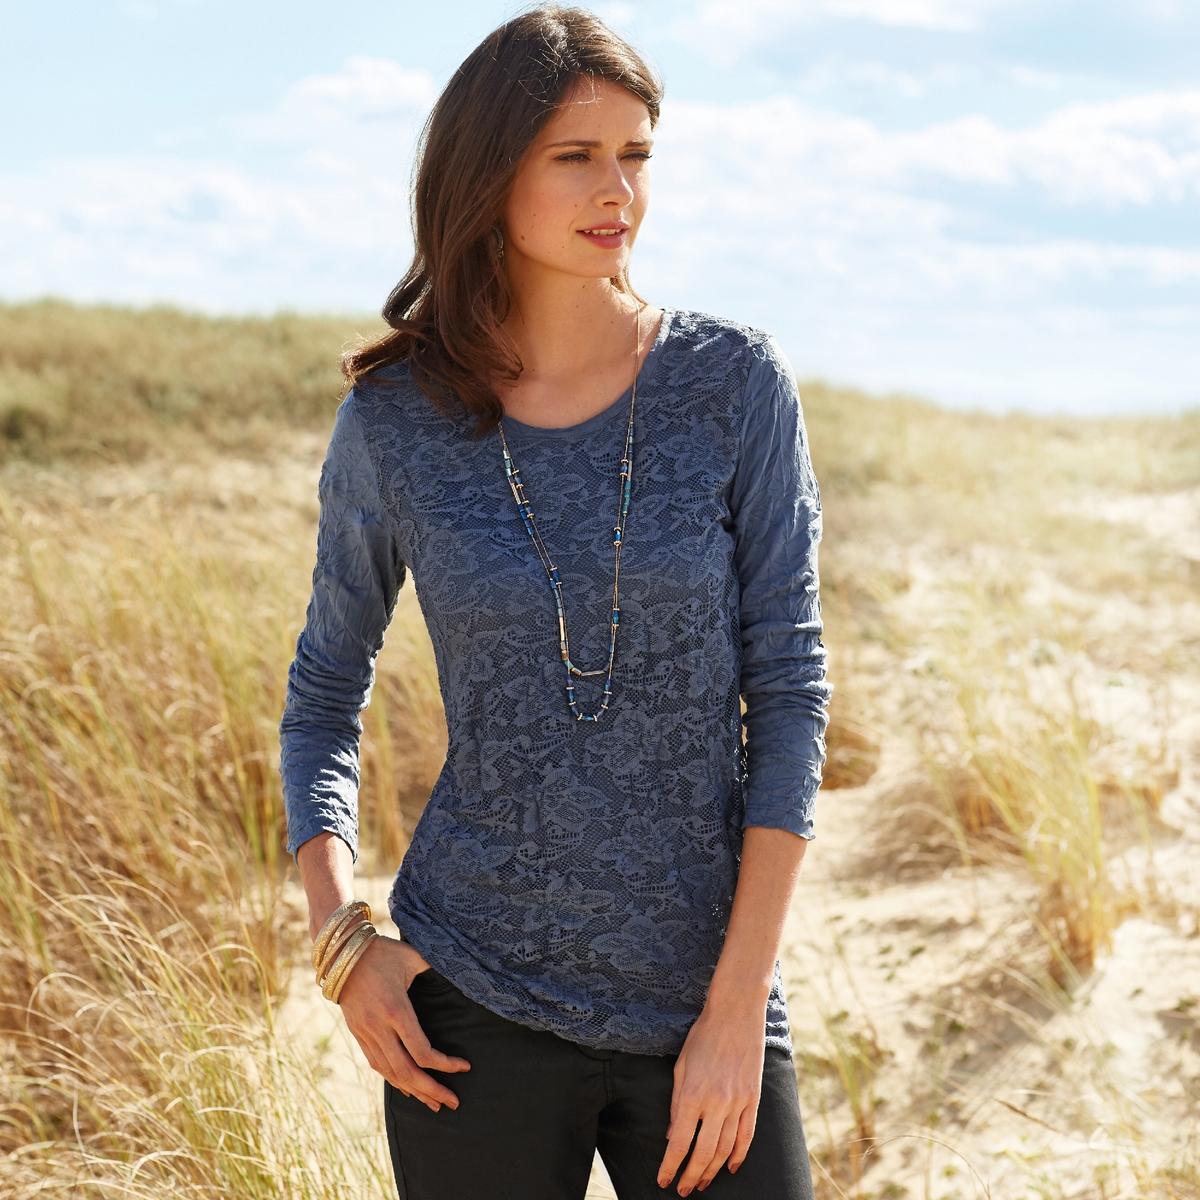 Imagen secundaria de producto de Camiseta, punto arrugado y encaje - Anne weyburn